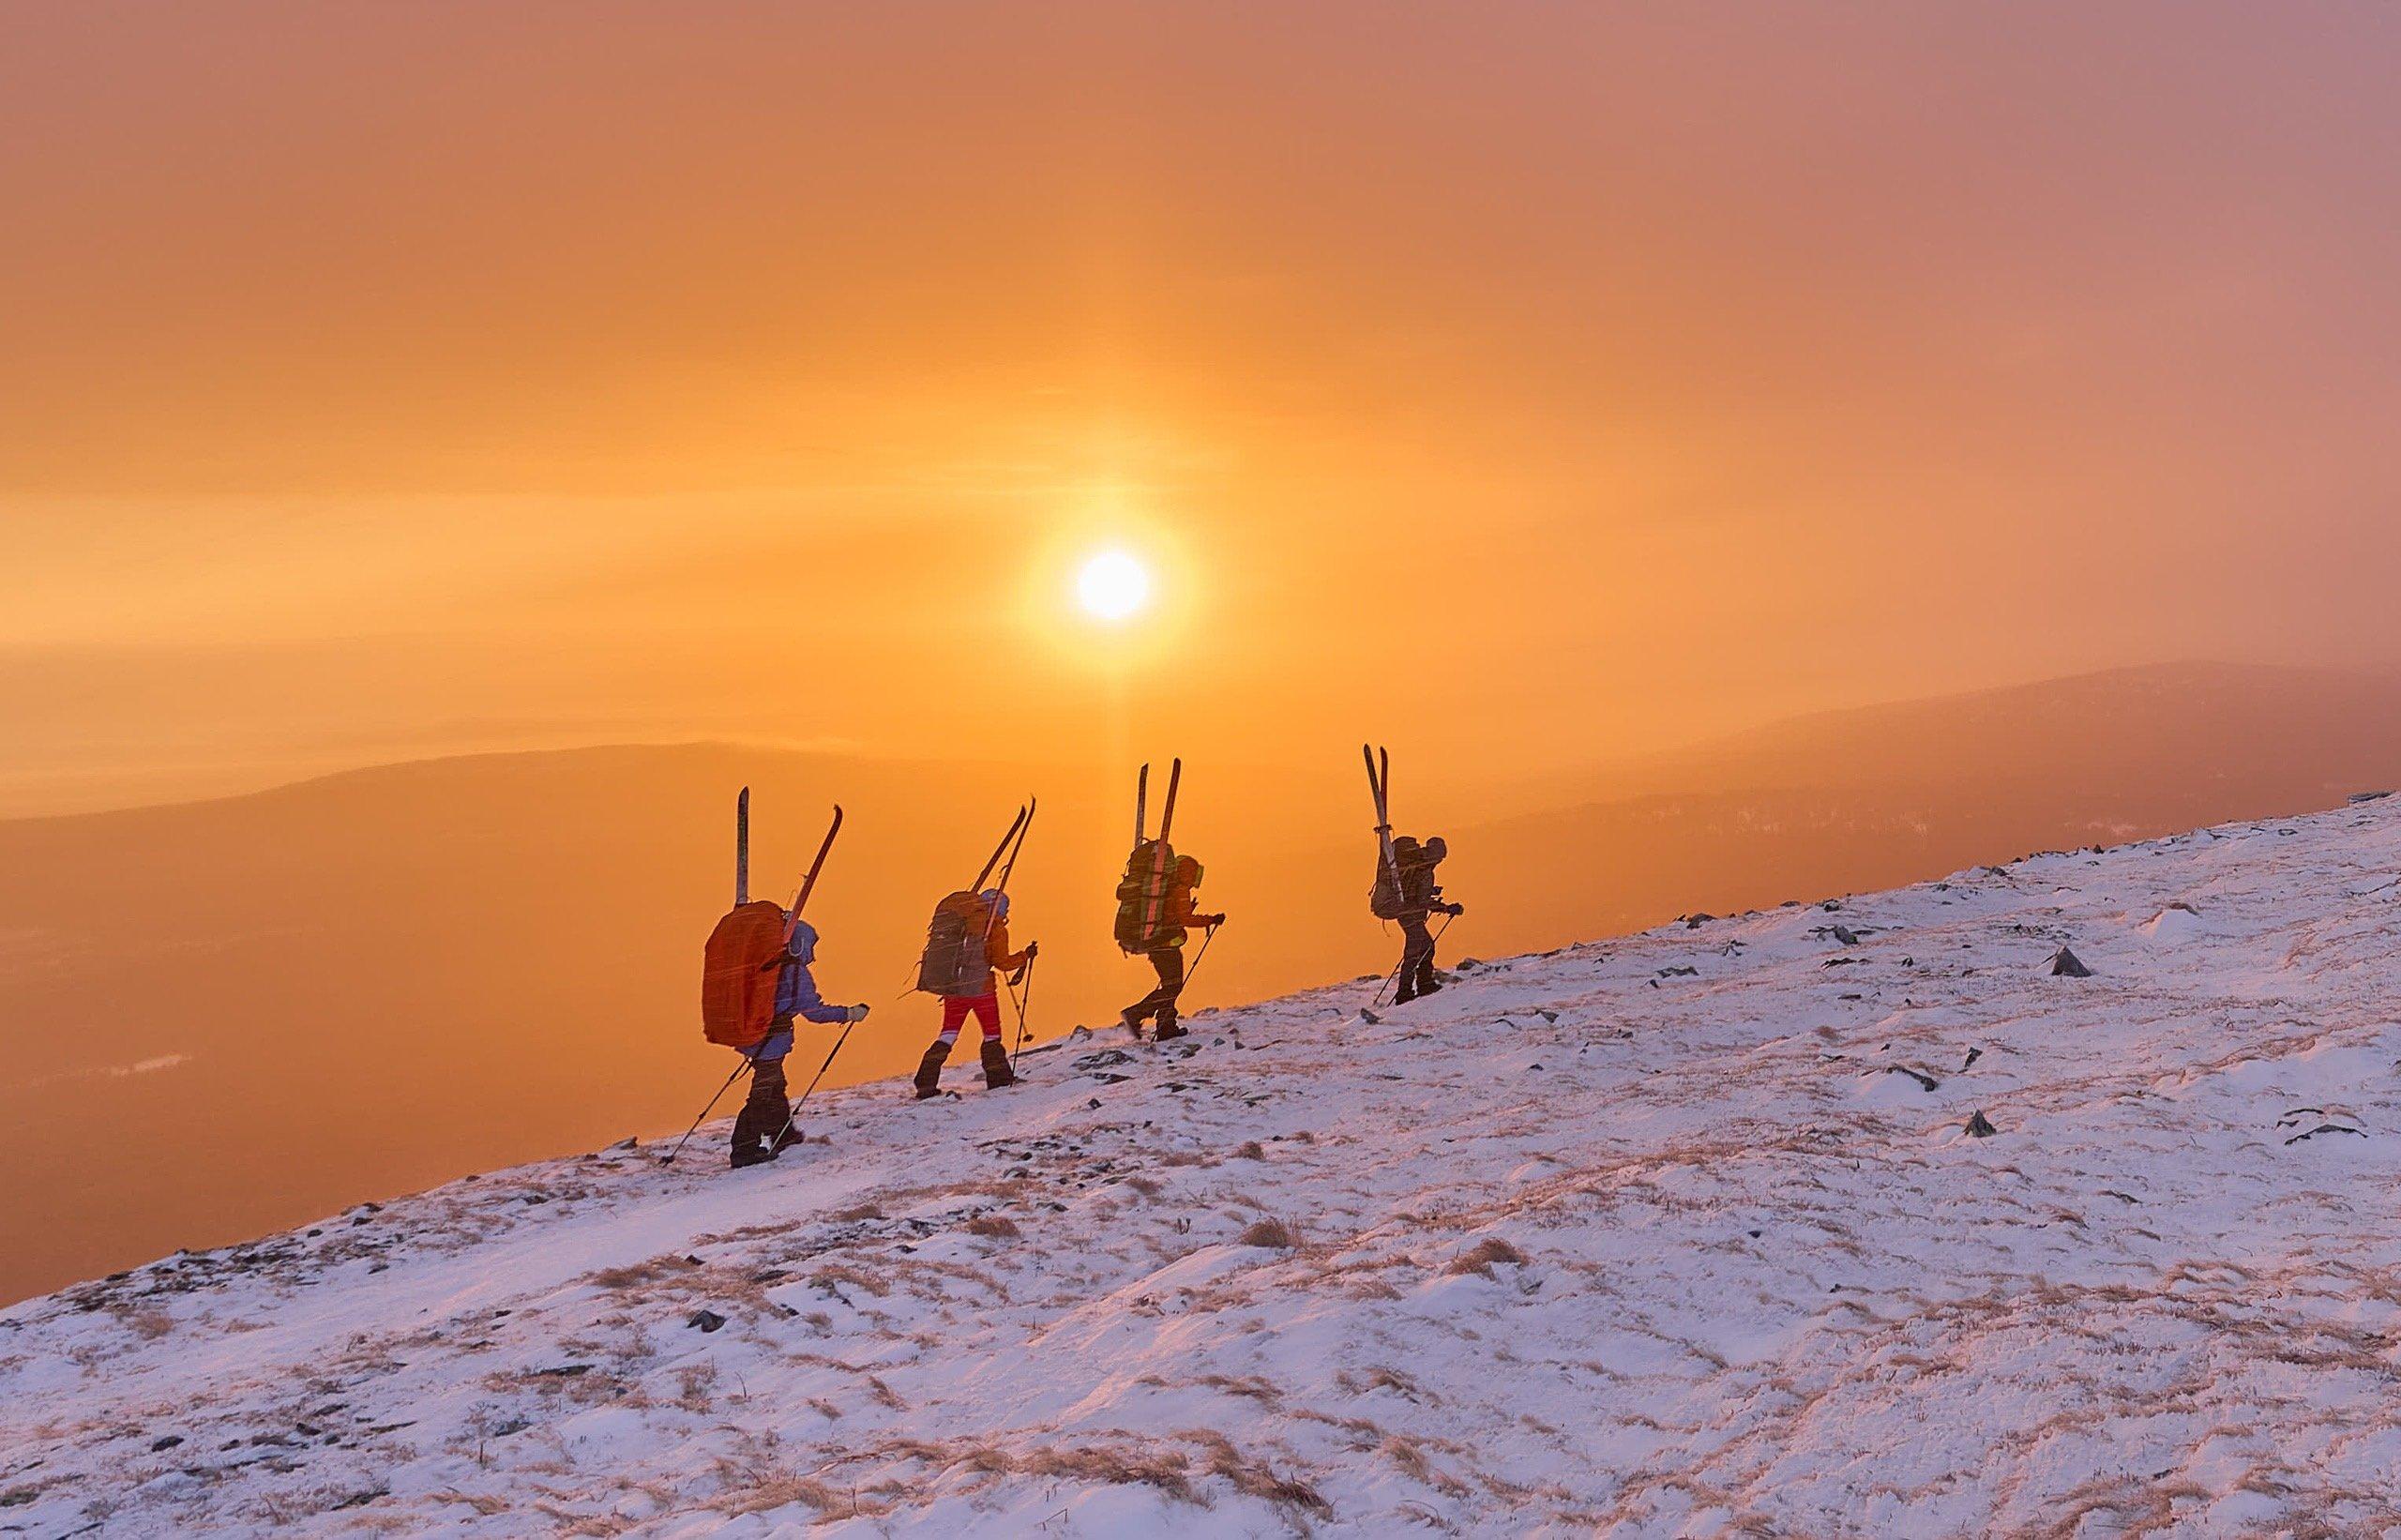 солнце, рассвет, туристы, Жаров Андрей